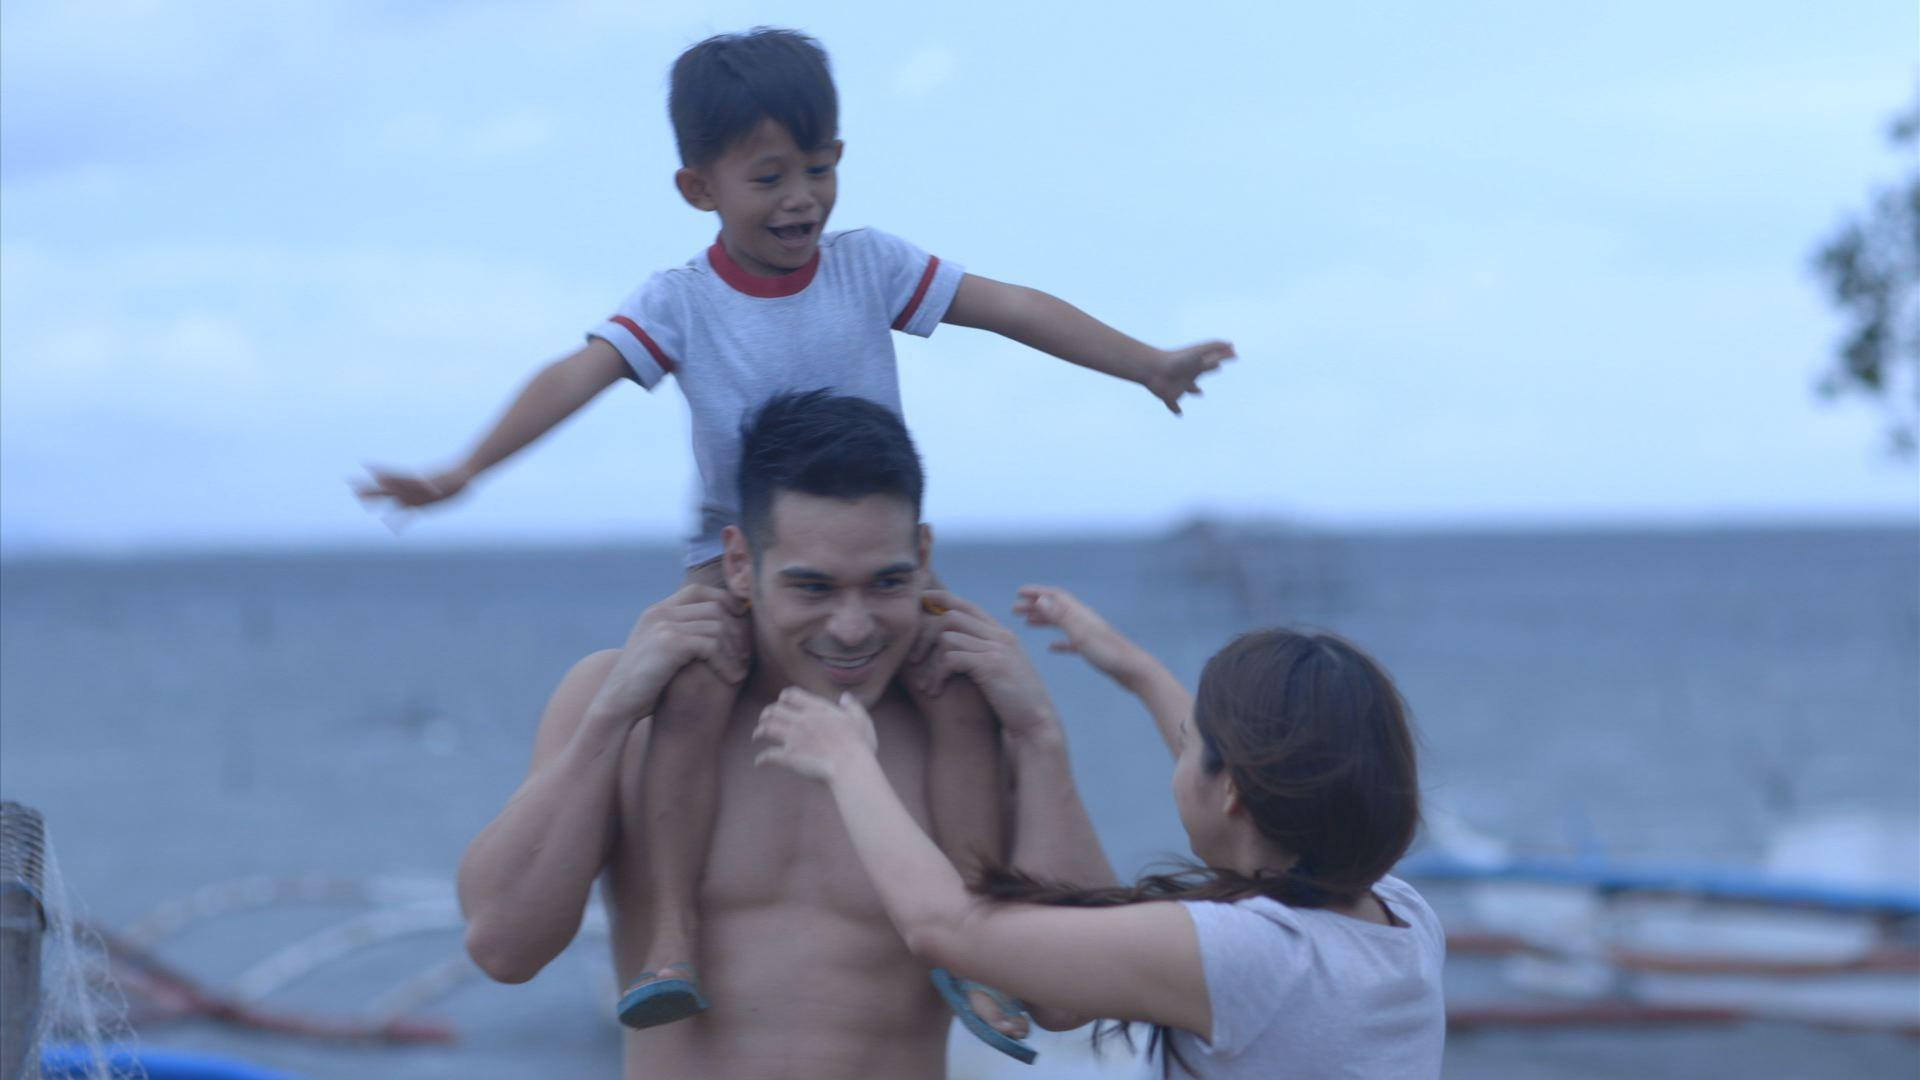 Kwentong+Kantutan+SA+Pilipinas Tagalog Kwentong Kantutan At Kalibugan ...